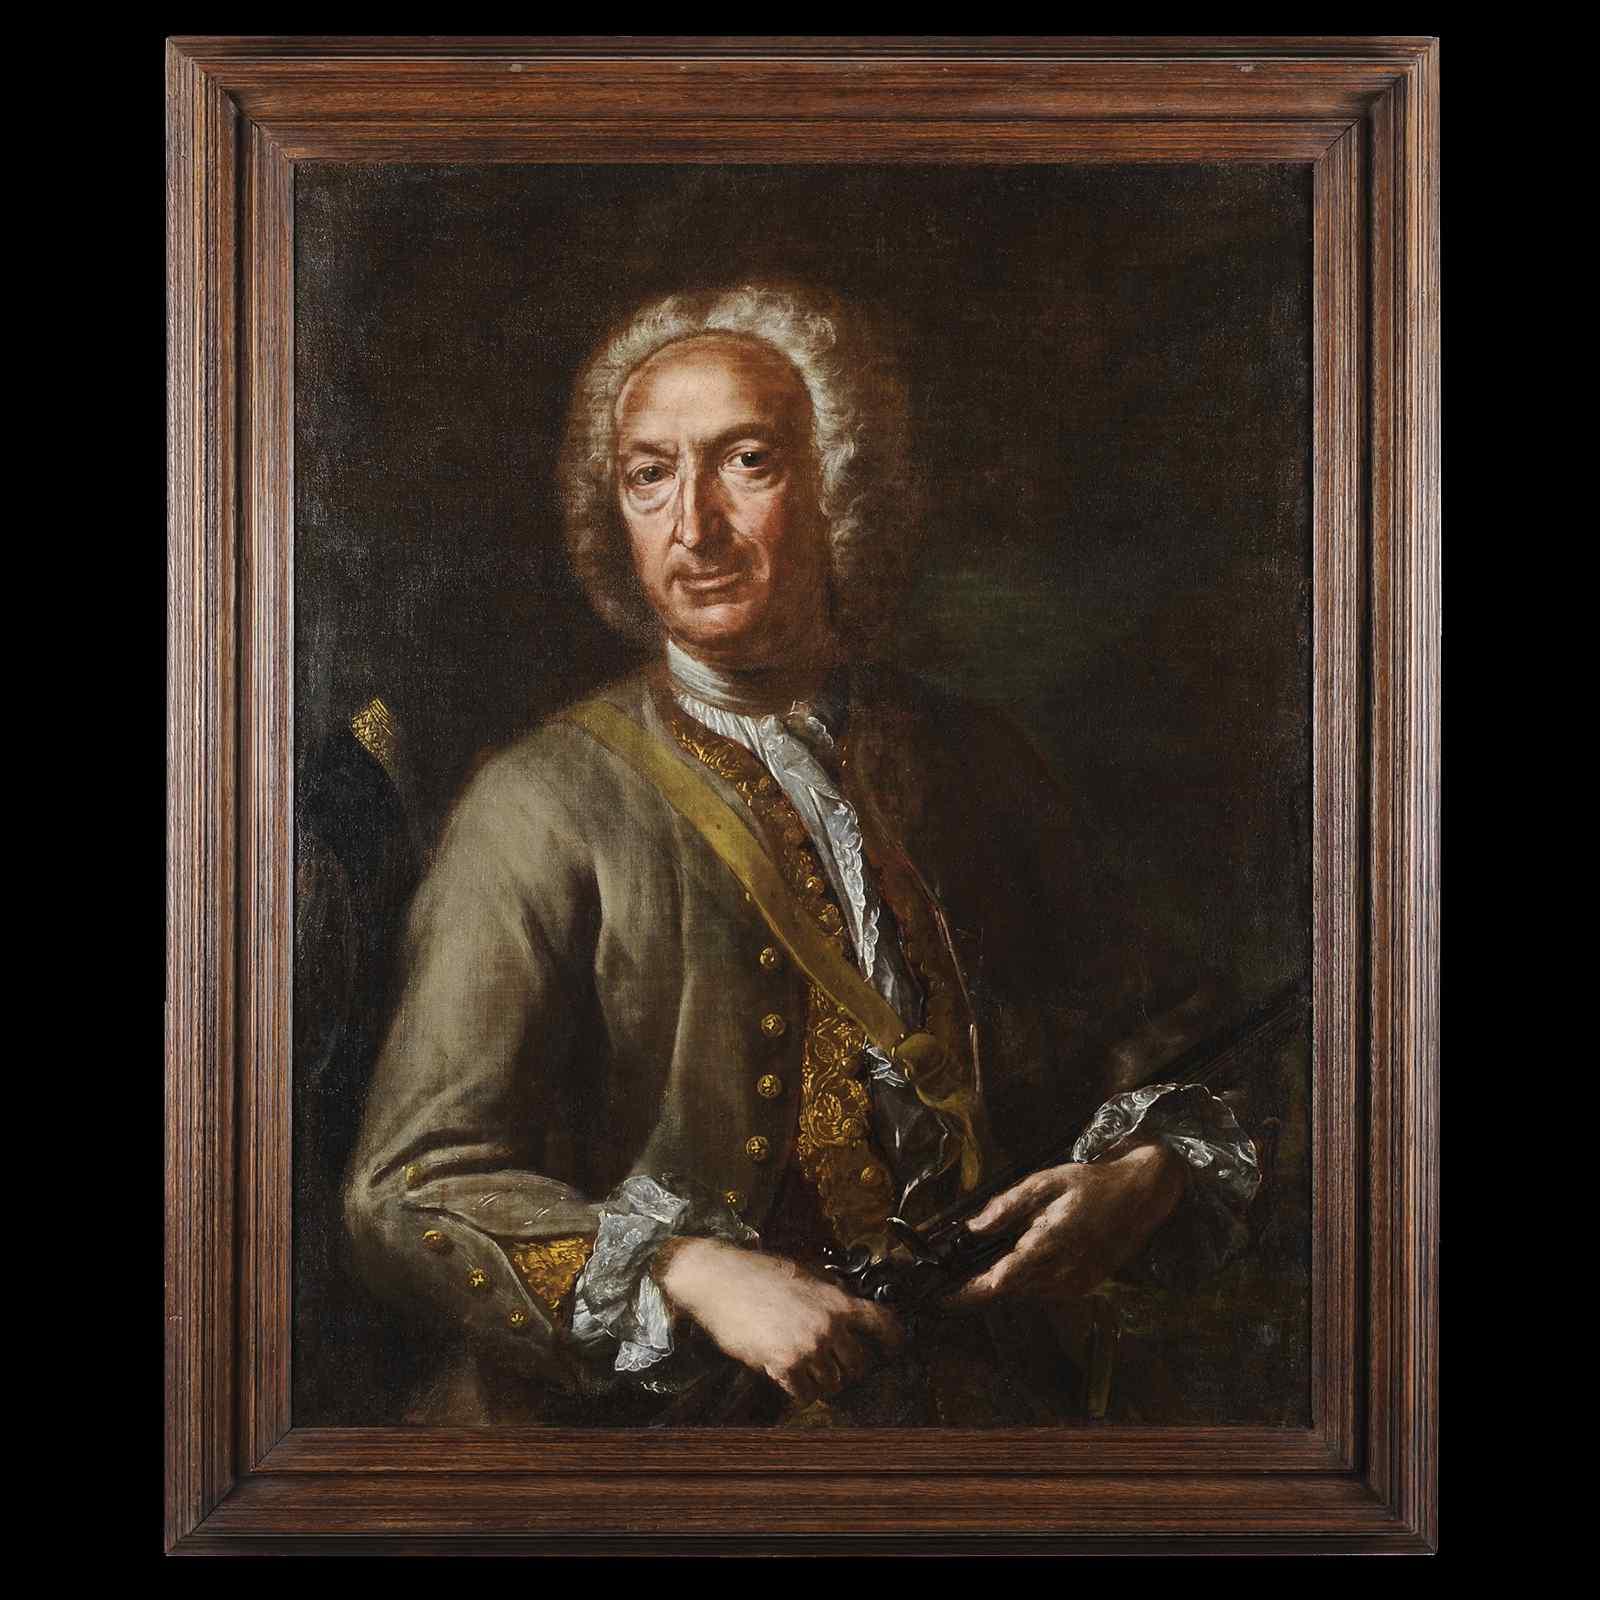 Карло Амальфи (1707-1787) - Портрет охотника